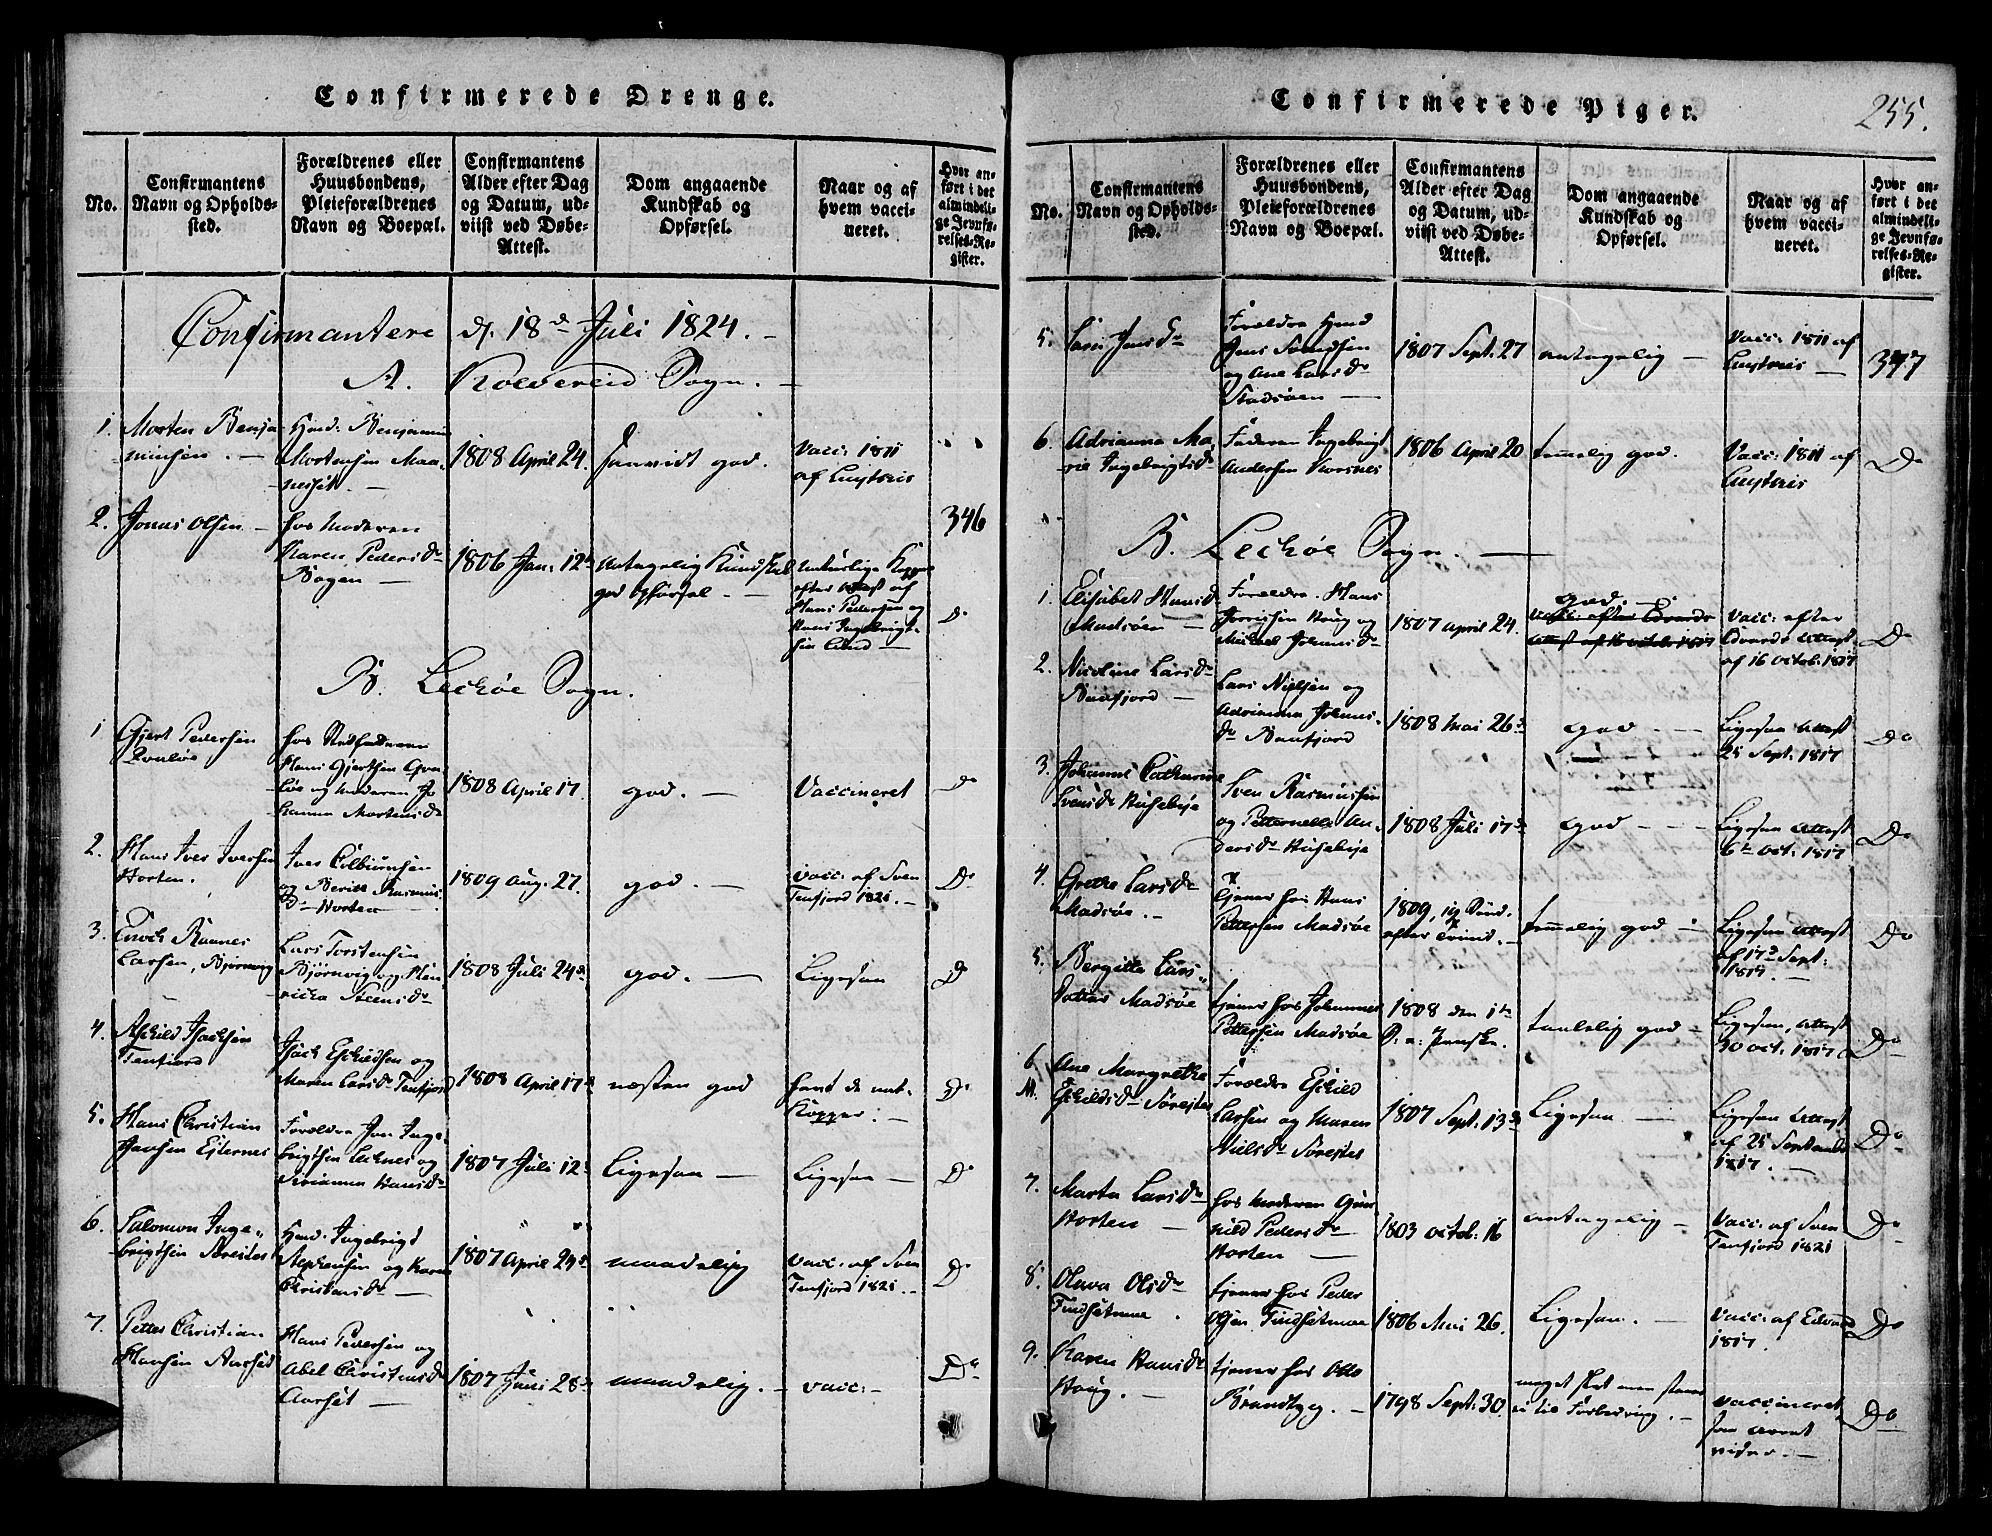 SAT, Ministerialprotokoller, klokkerbøker og fødselsregistre - Nord-Trøndelag, 780/L0636: Ministerialbok nr. 780A03 /1, 1815-1830, s. 255